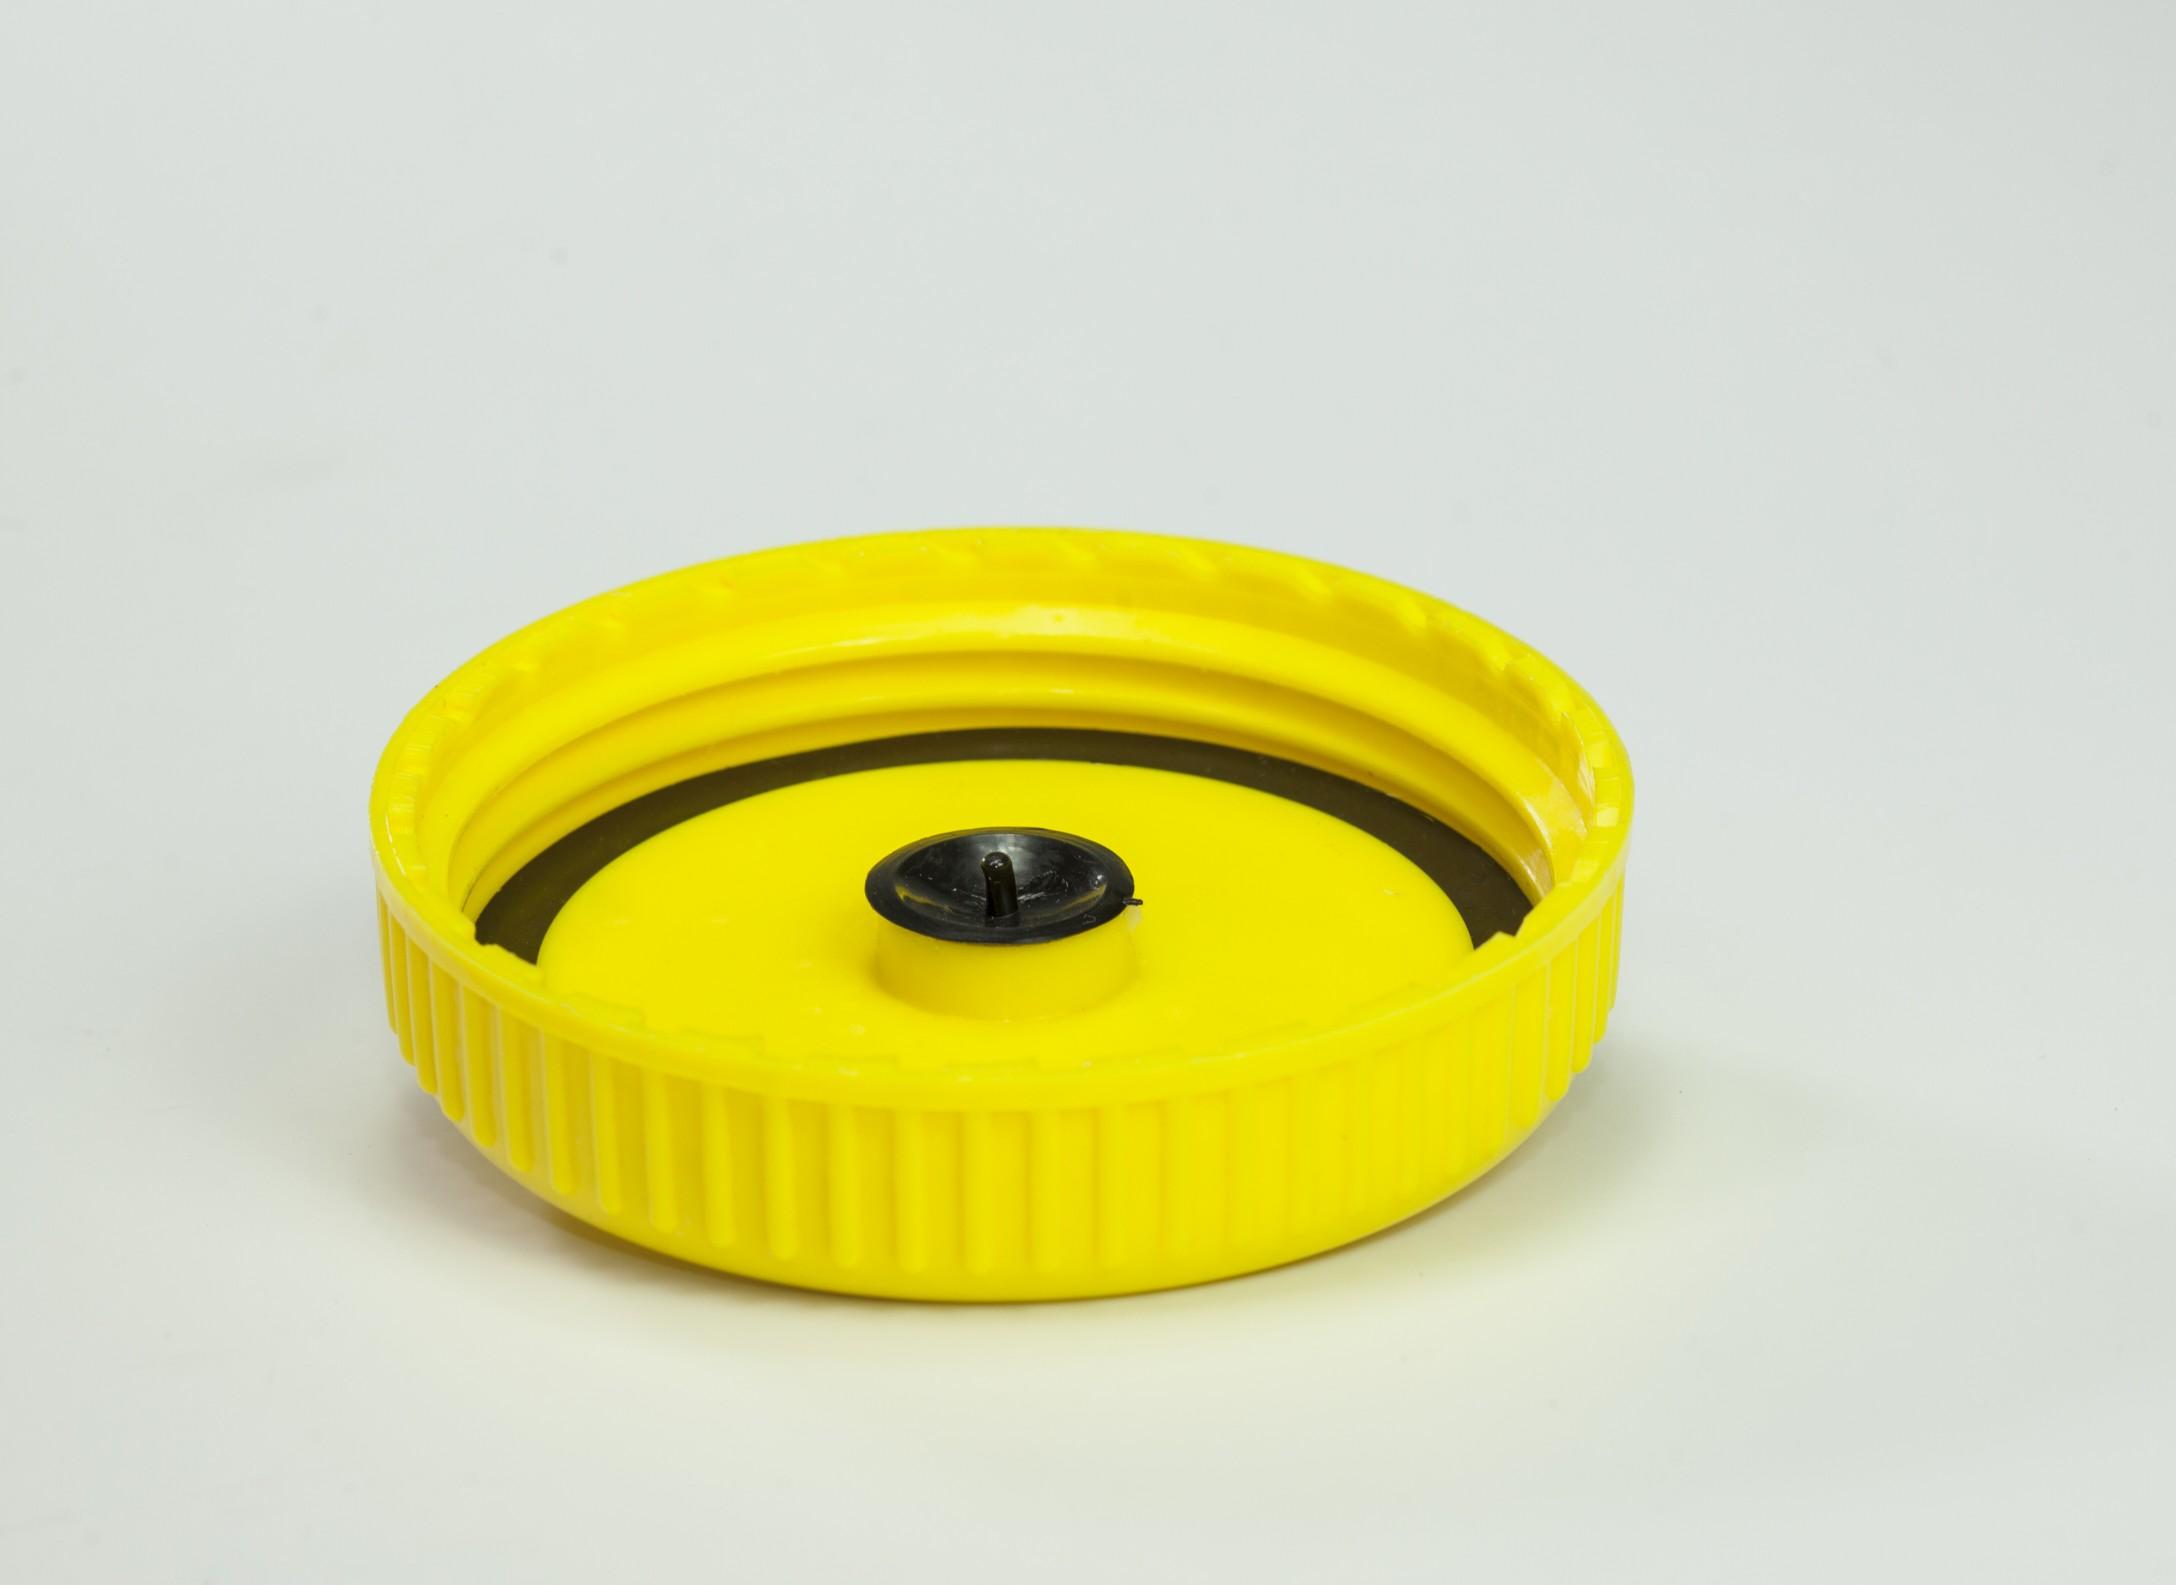 Tapadera para equipo estándar con sello y cheque distribuido por PROTECNO